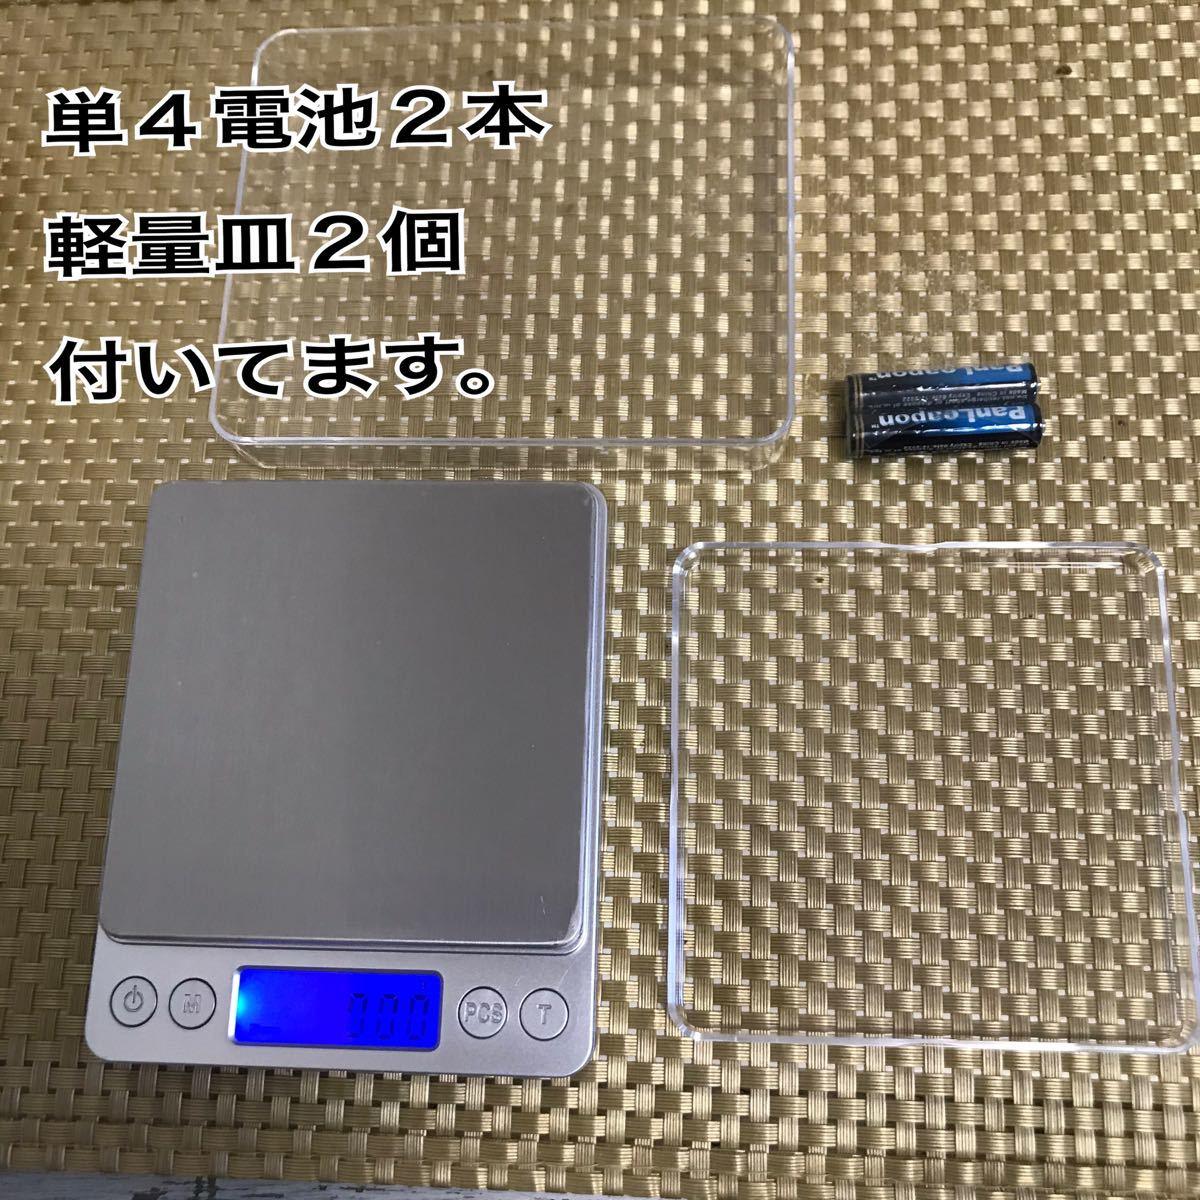 デジタルキッチンスケール 0.01g単位 500gまで対応 電子秤